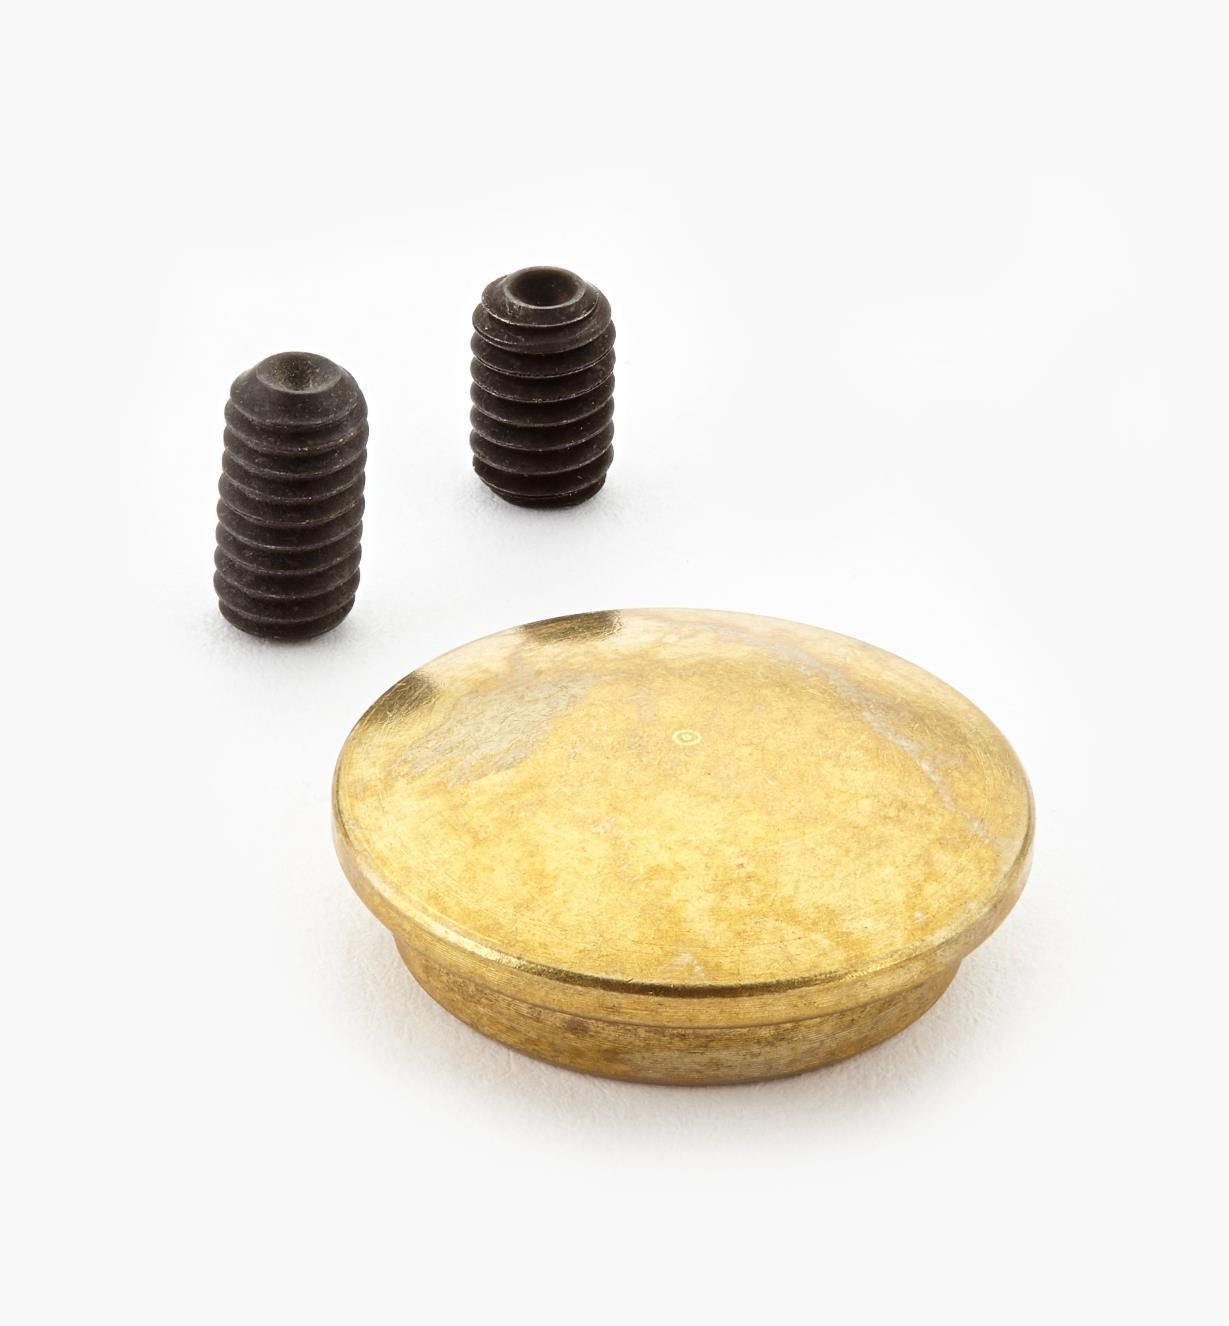 05G0612 - Cache-écrou en laiton pour ferrure d'assemblage démontable 5/16 18 de 4po Veritas, l'unité